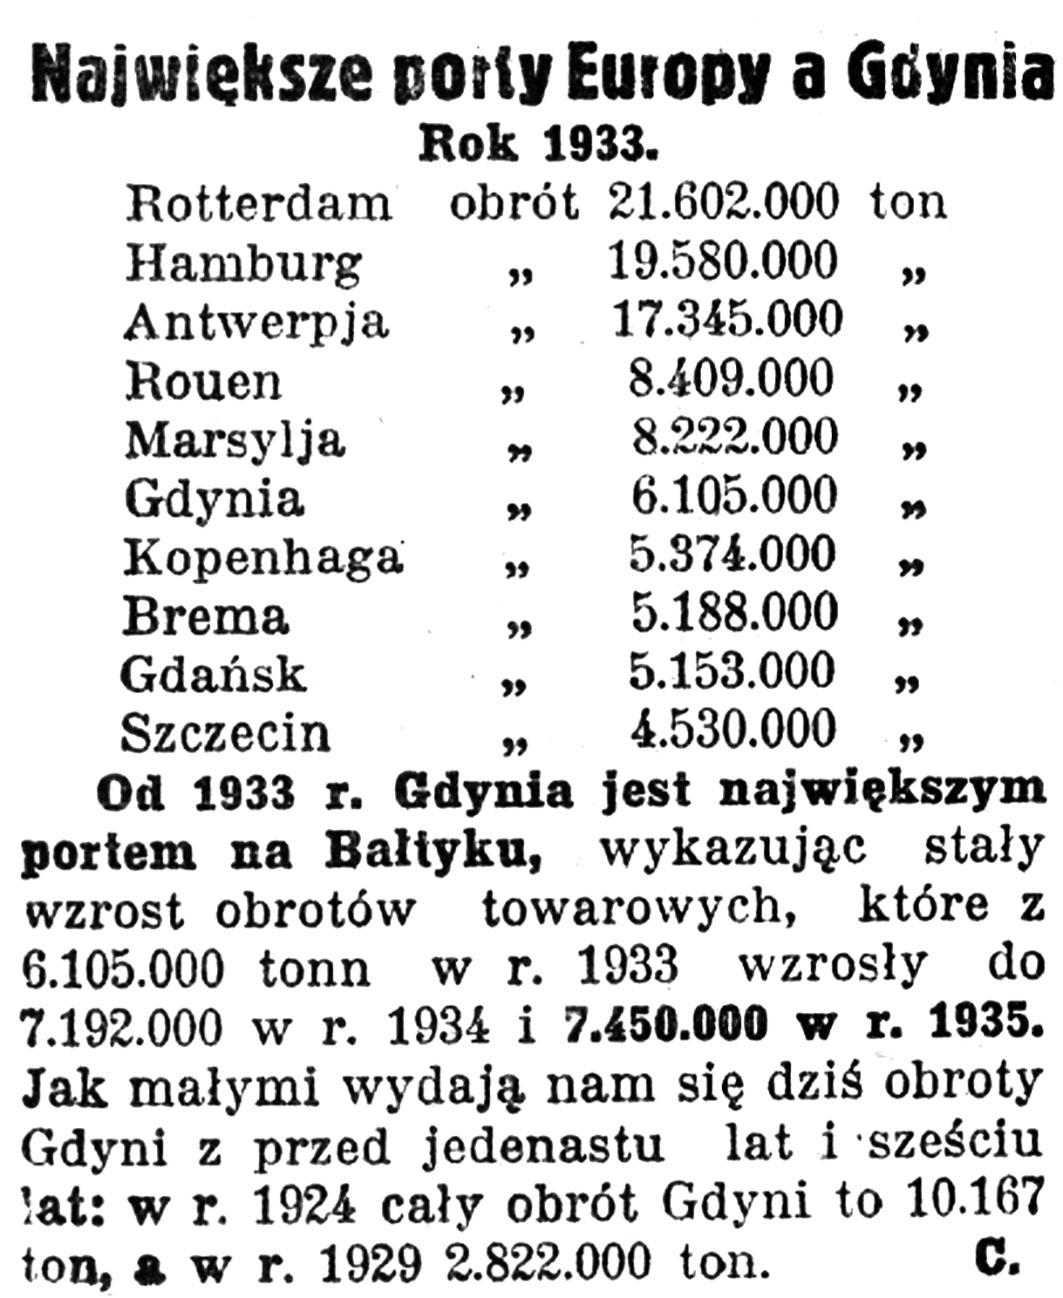 Największe porty Europy a Gdynia. Rok 1933 / C. // Nadzwyczajny Kurjer Morski. - 1937, nr 1, s. 1